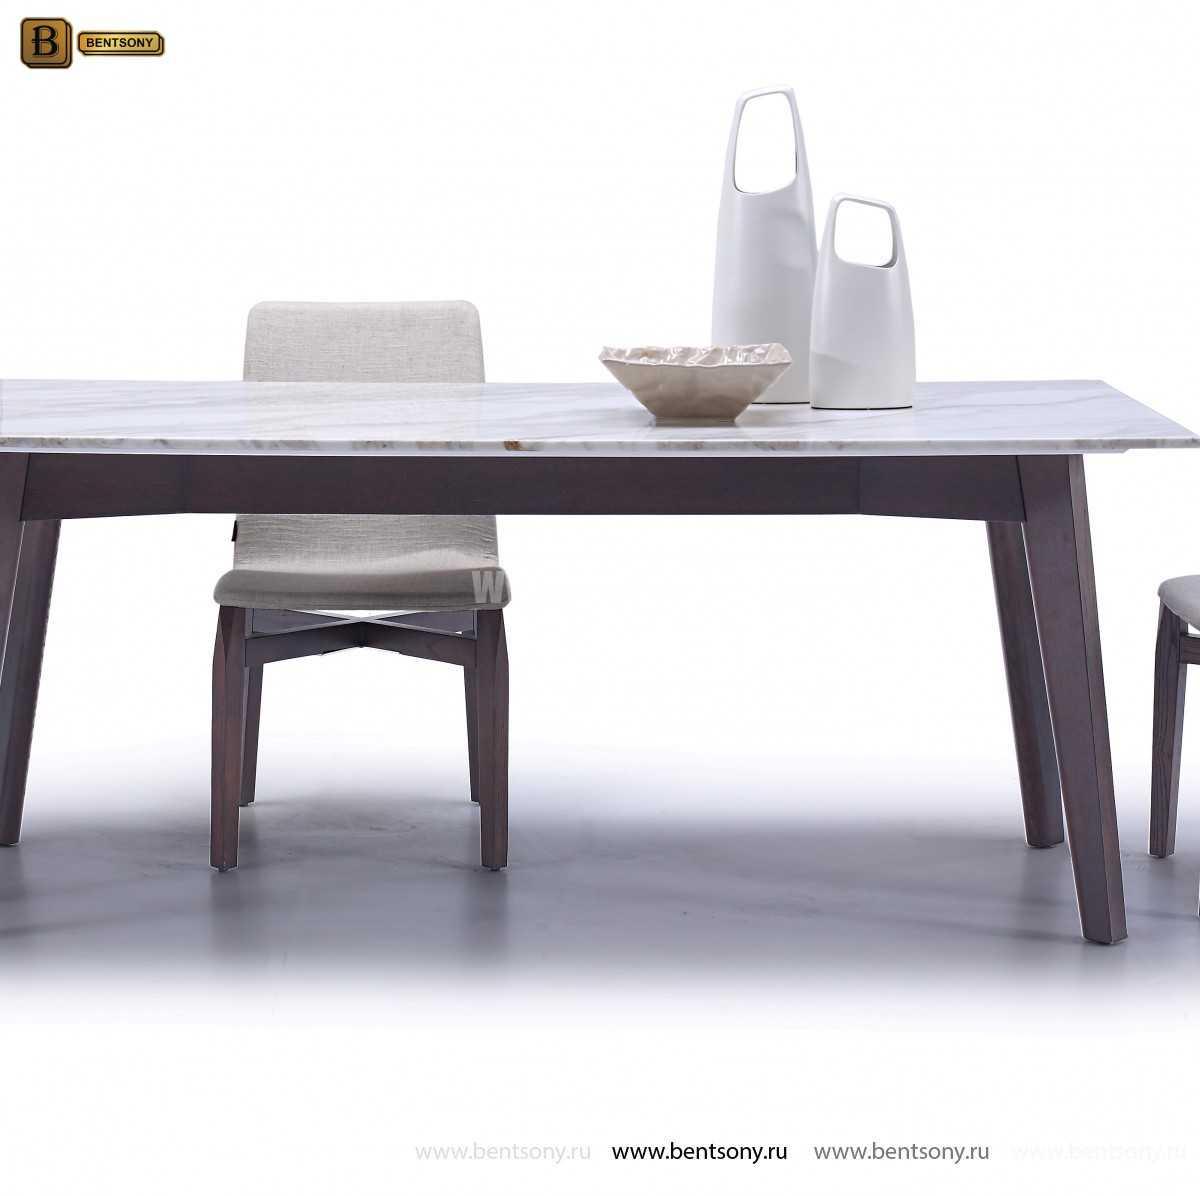 Стол Обеденный (Мраморная столешница)